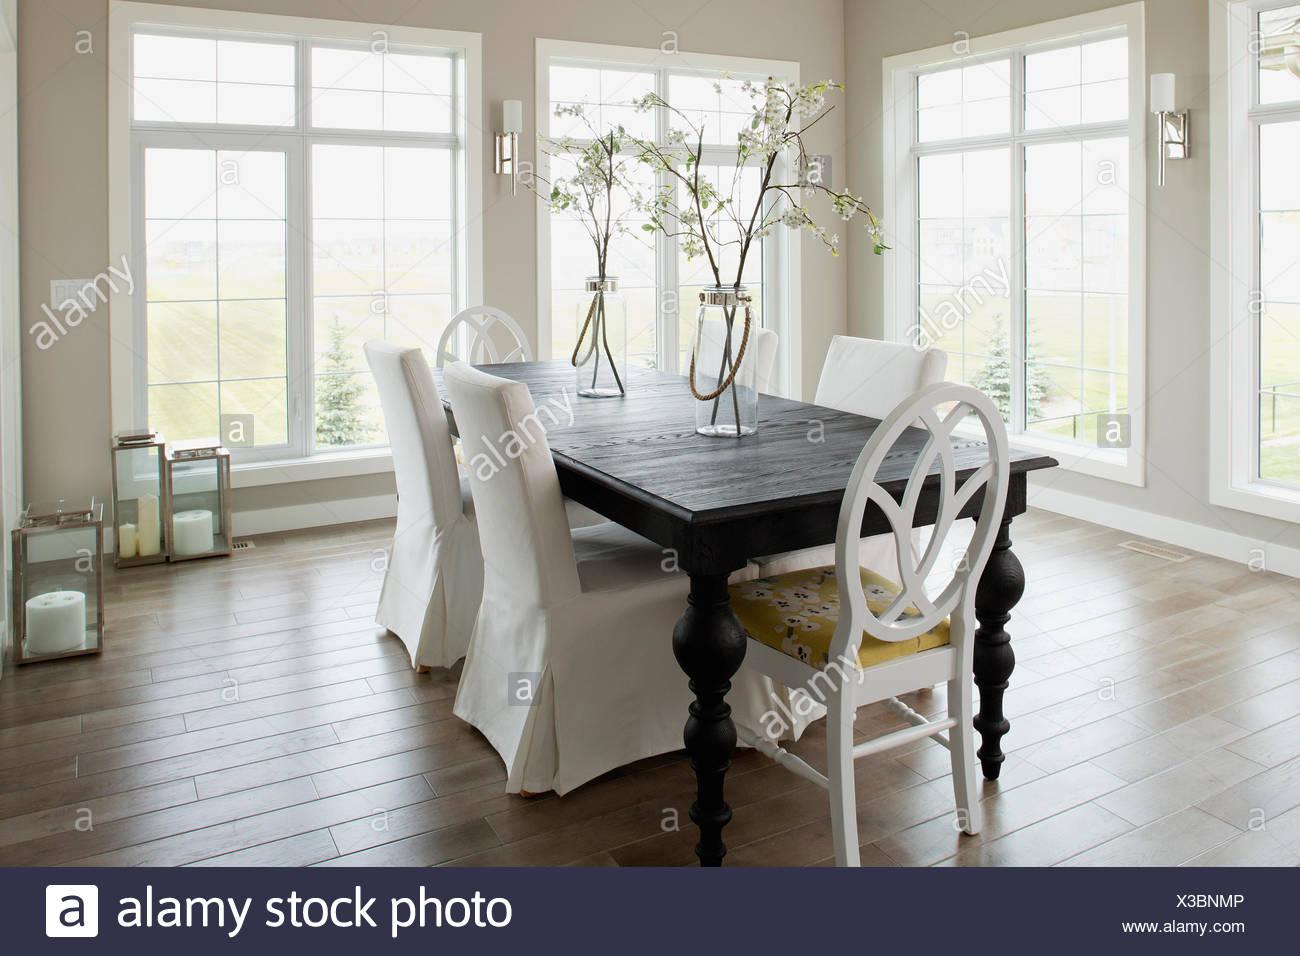 Comedor contemporáneo Foto & Imagen De Stock: 277468374 - Alamy